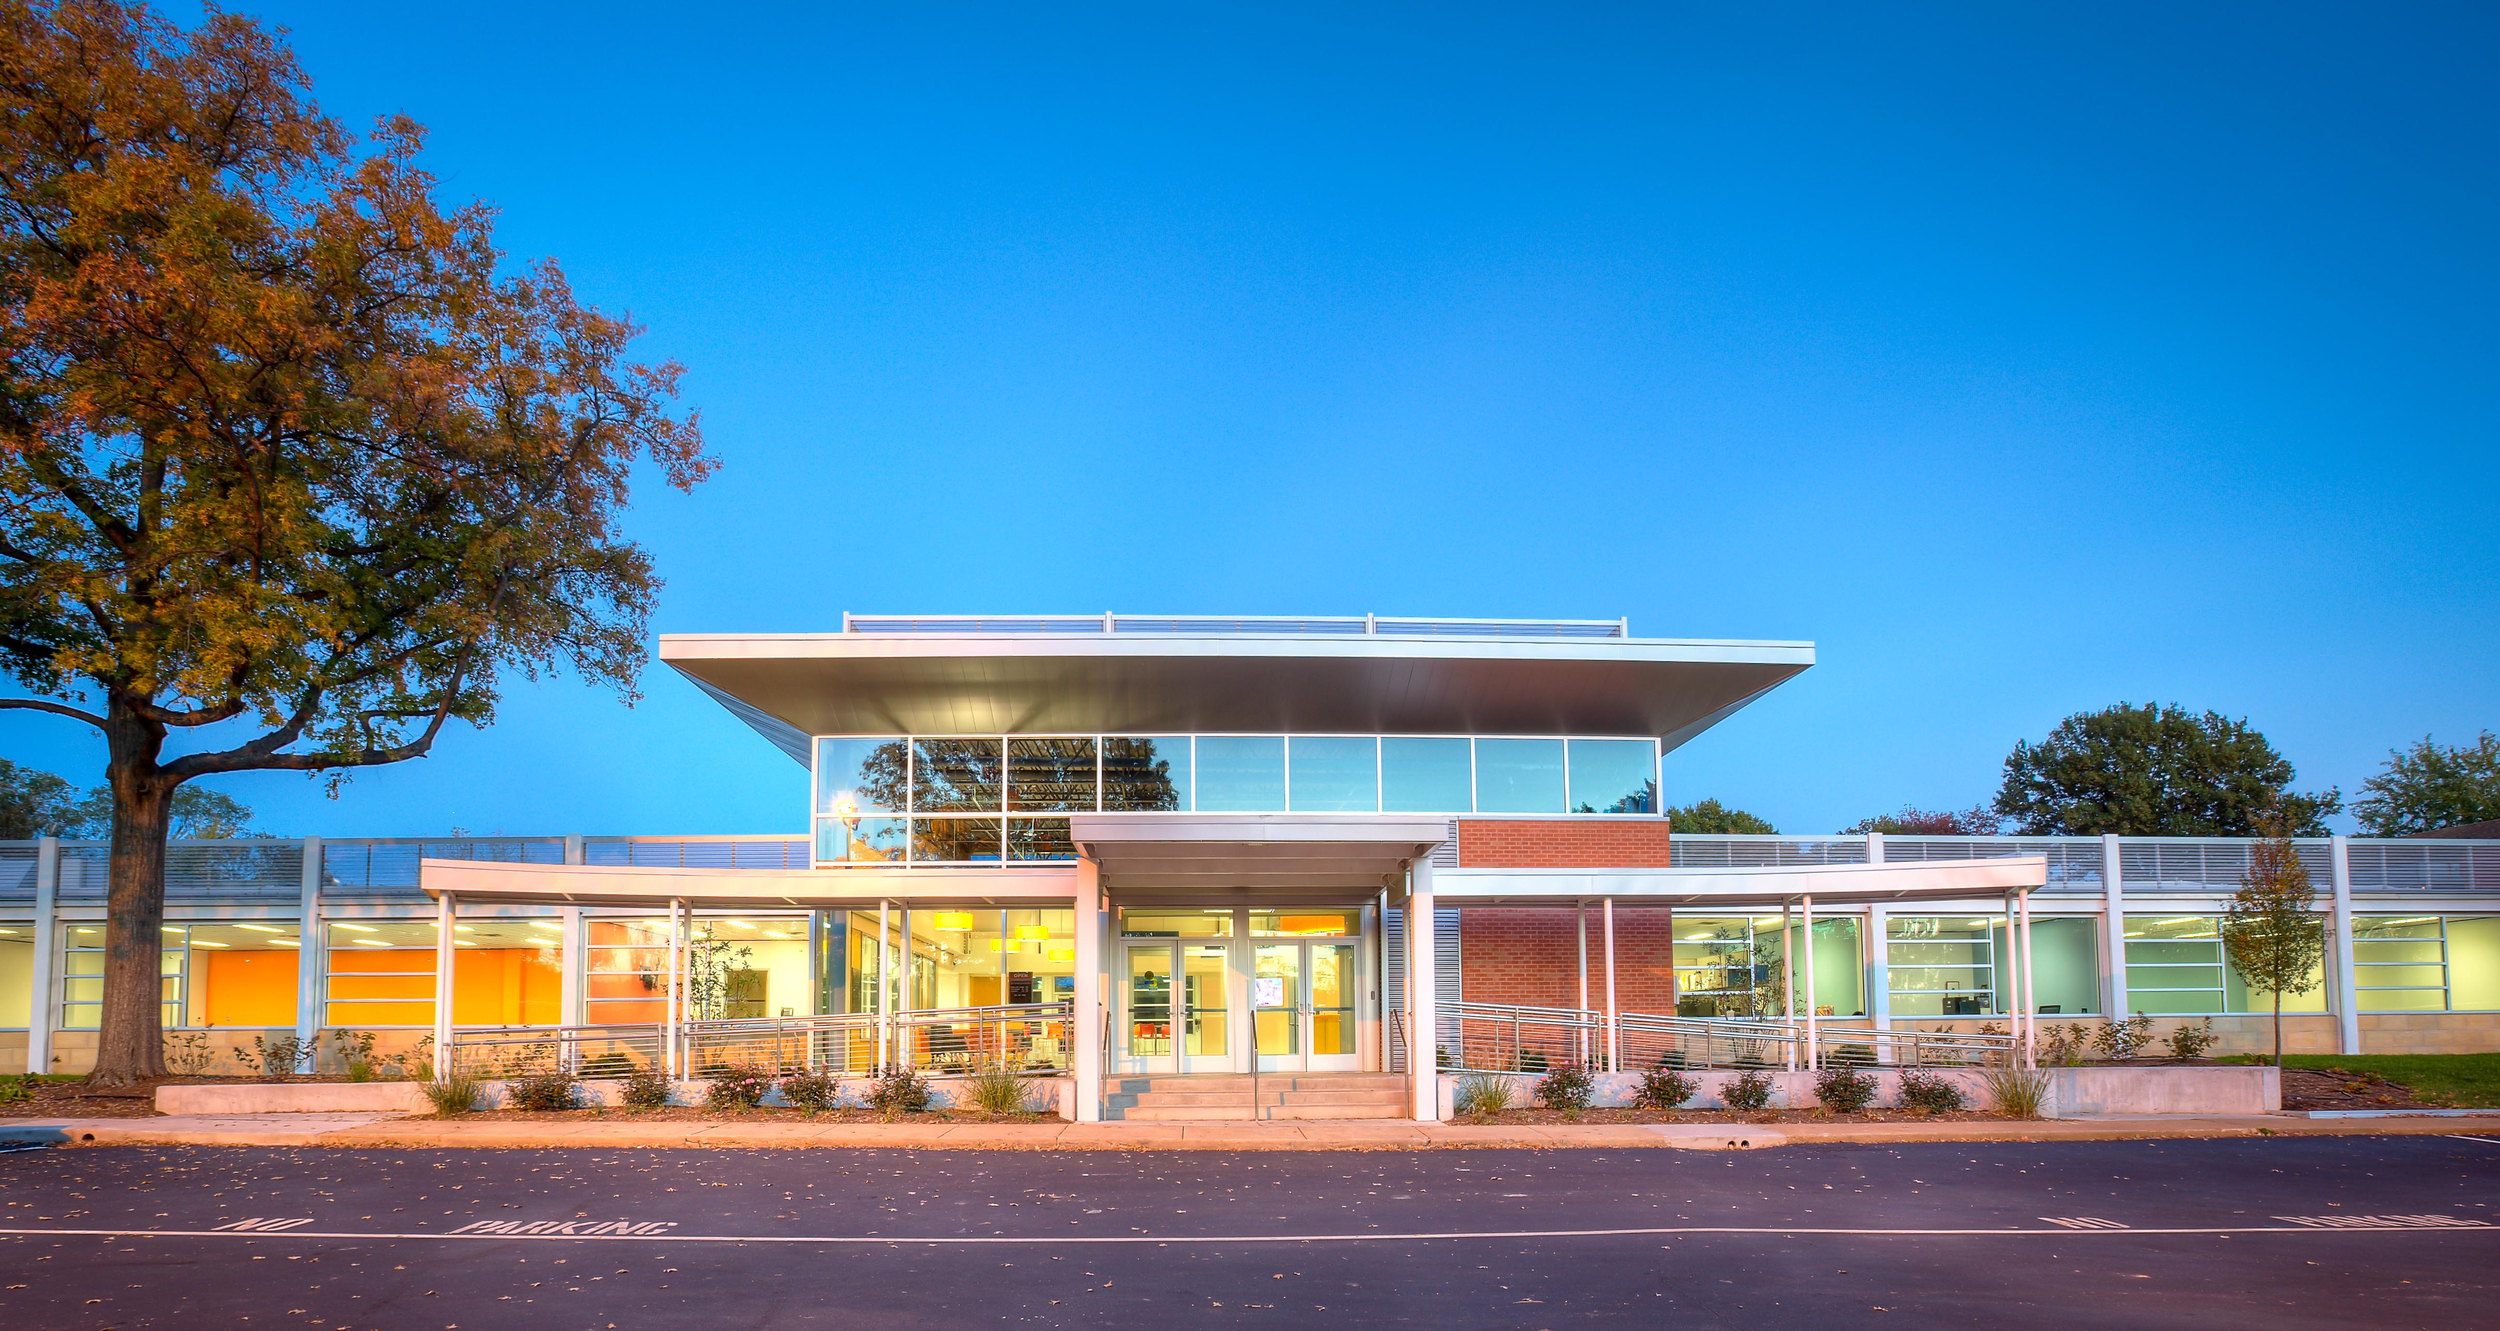 Ferguson Community Center